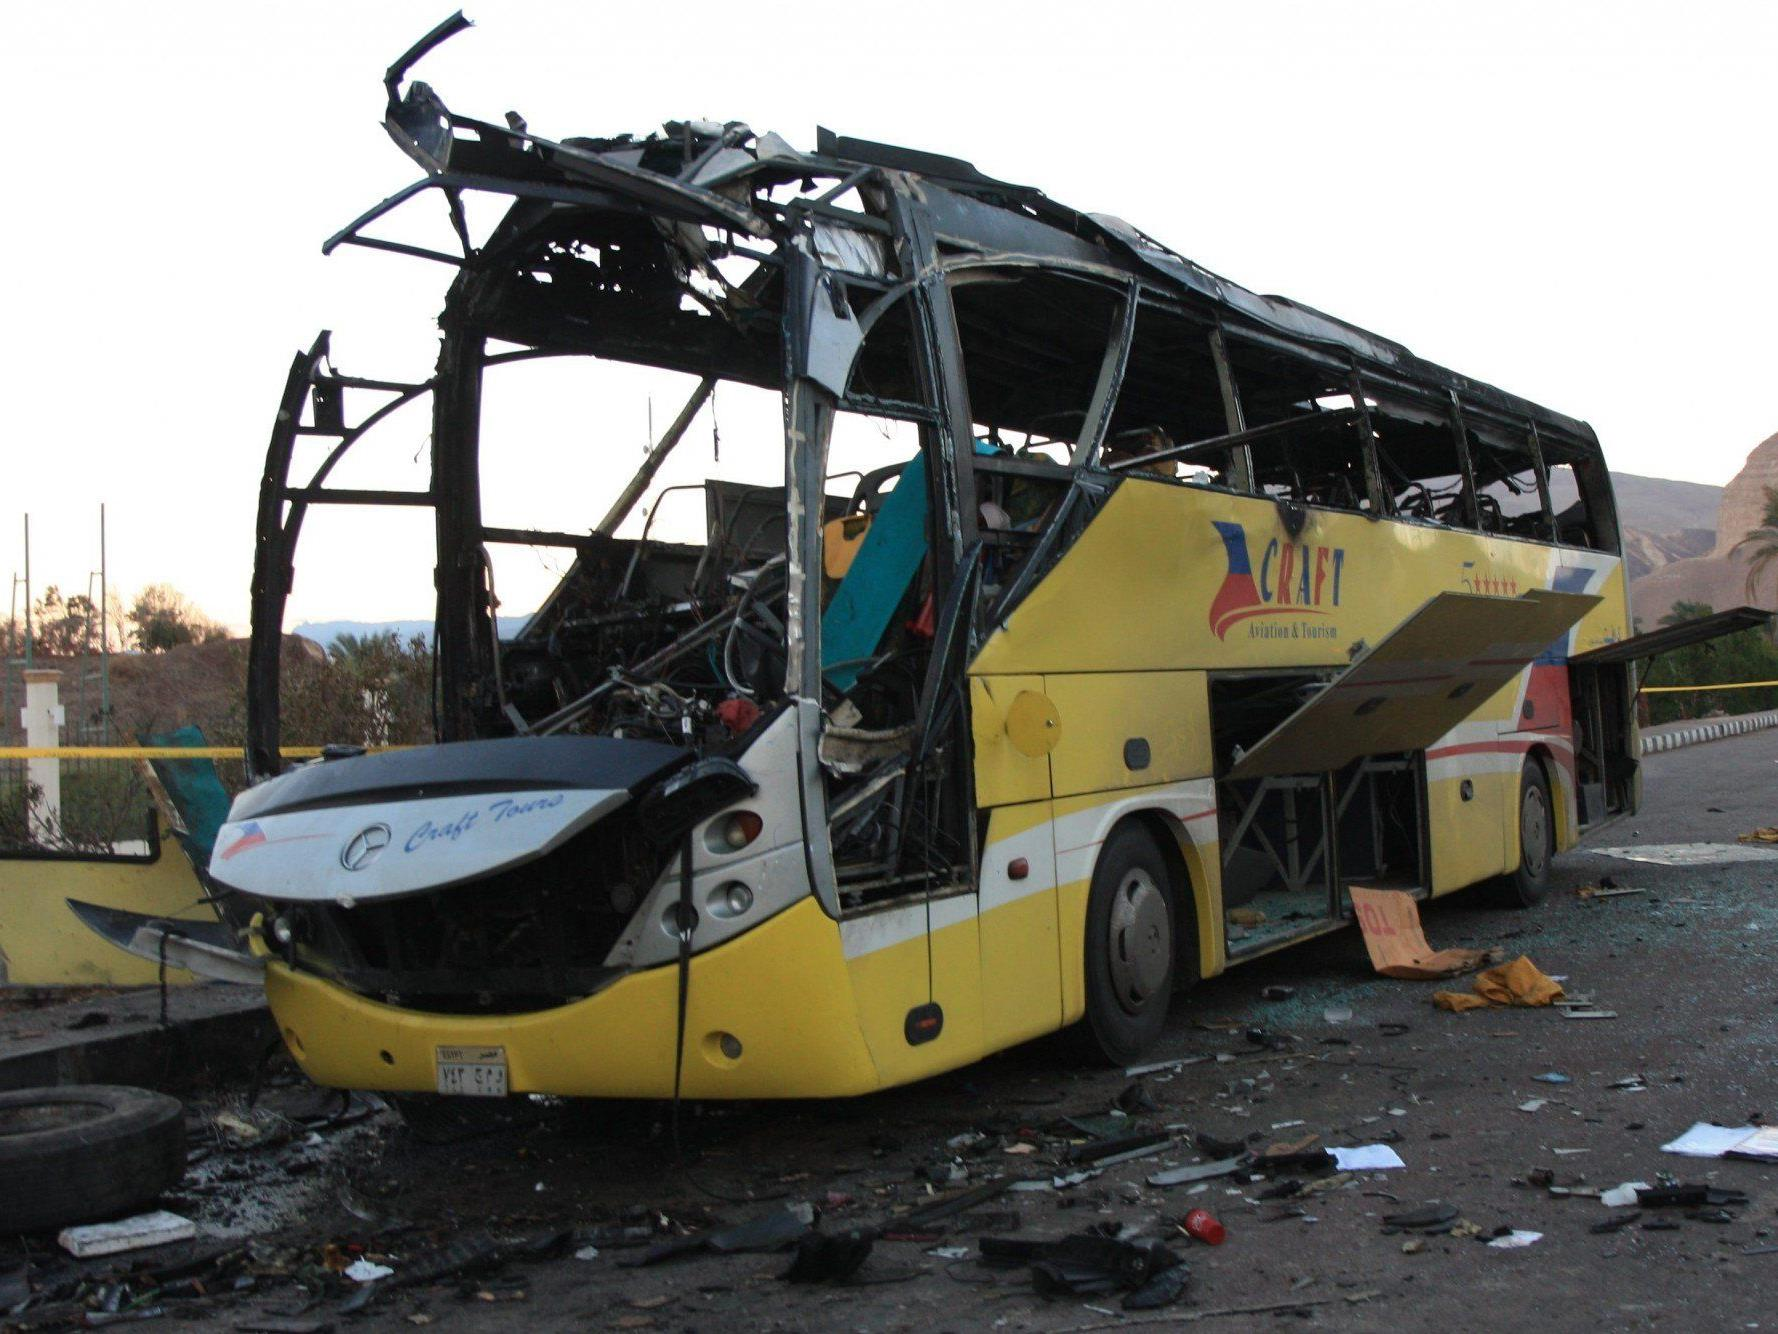 Die Islamistengruppe Ansar Beit al-Maqdis bekannte sich zu den Anschlägen auf einen Touristenbus.